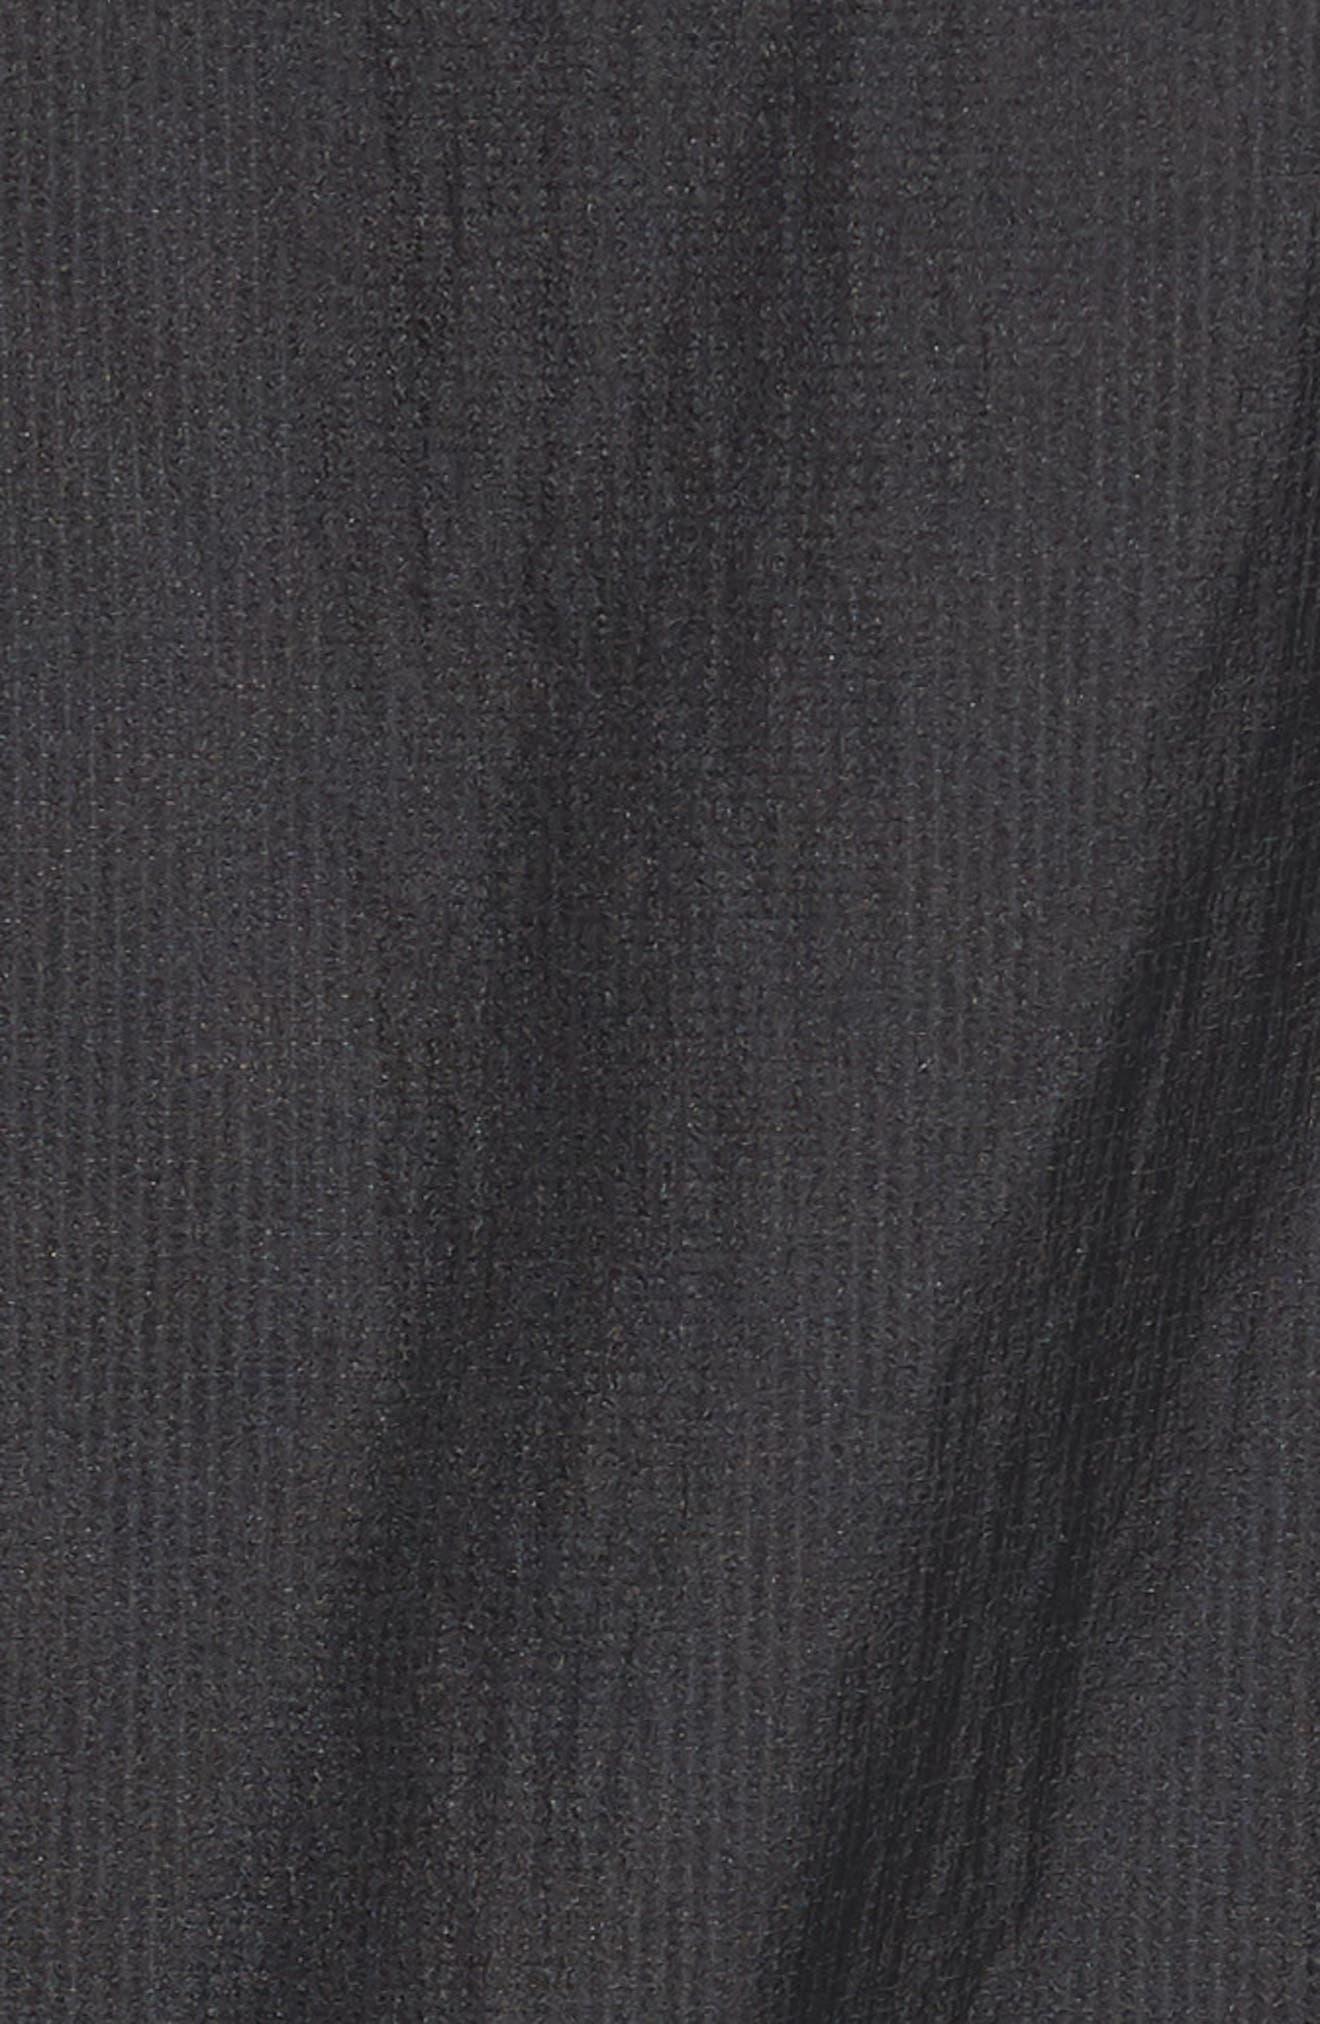 Souvenir Jacket,                             Alternate thumbnail 6, color,                             001